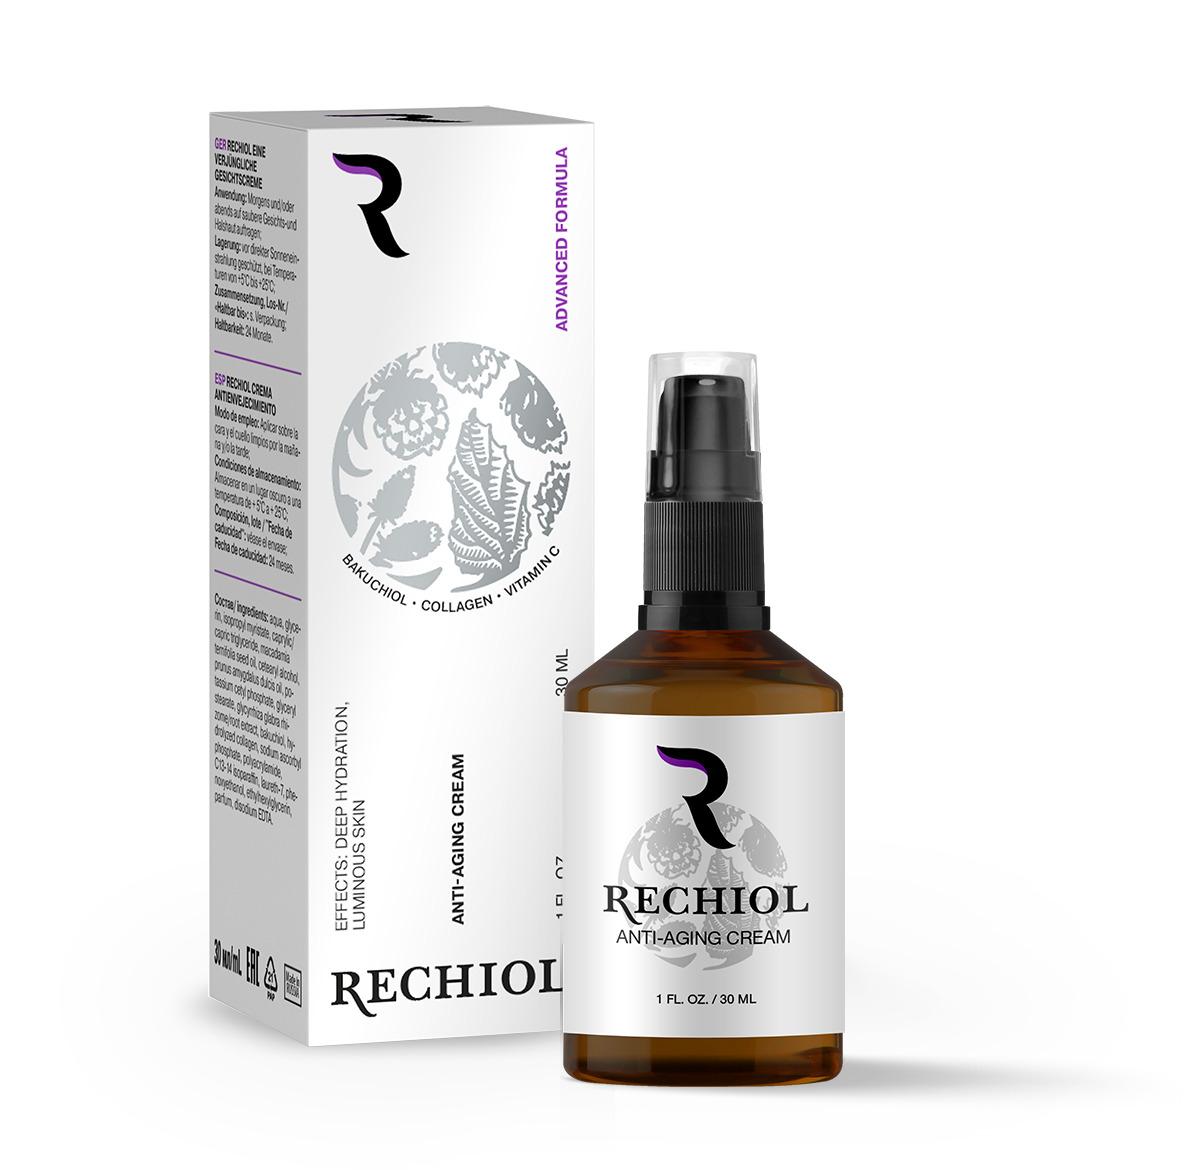 Rechiol Producto Con Bakuchiol